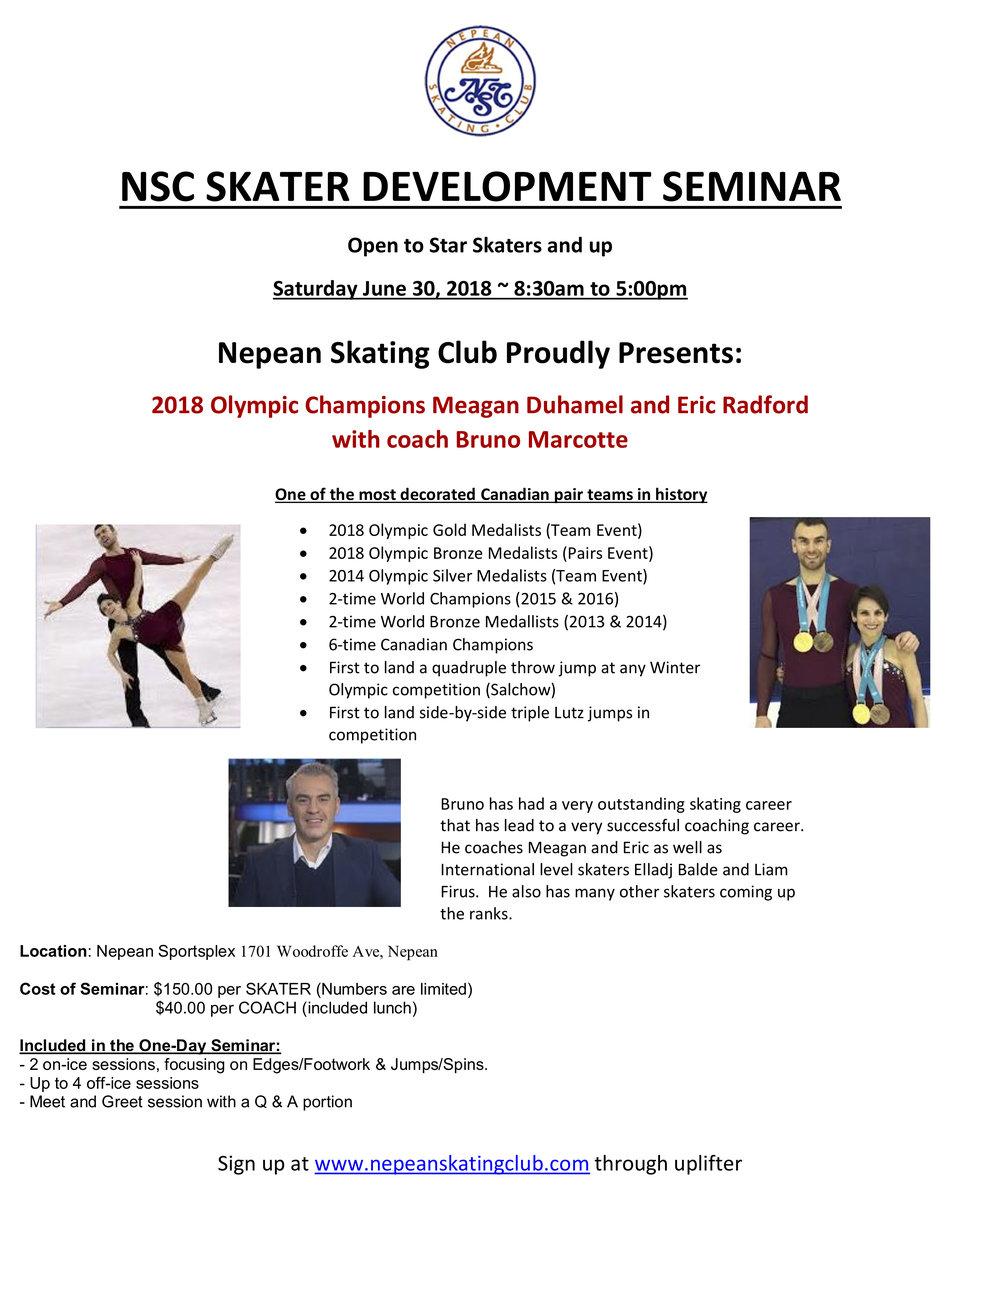 Skating Seminar Poster out of club.jpg